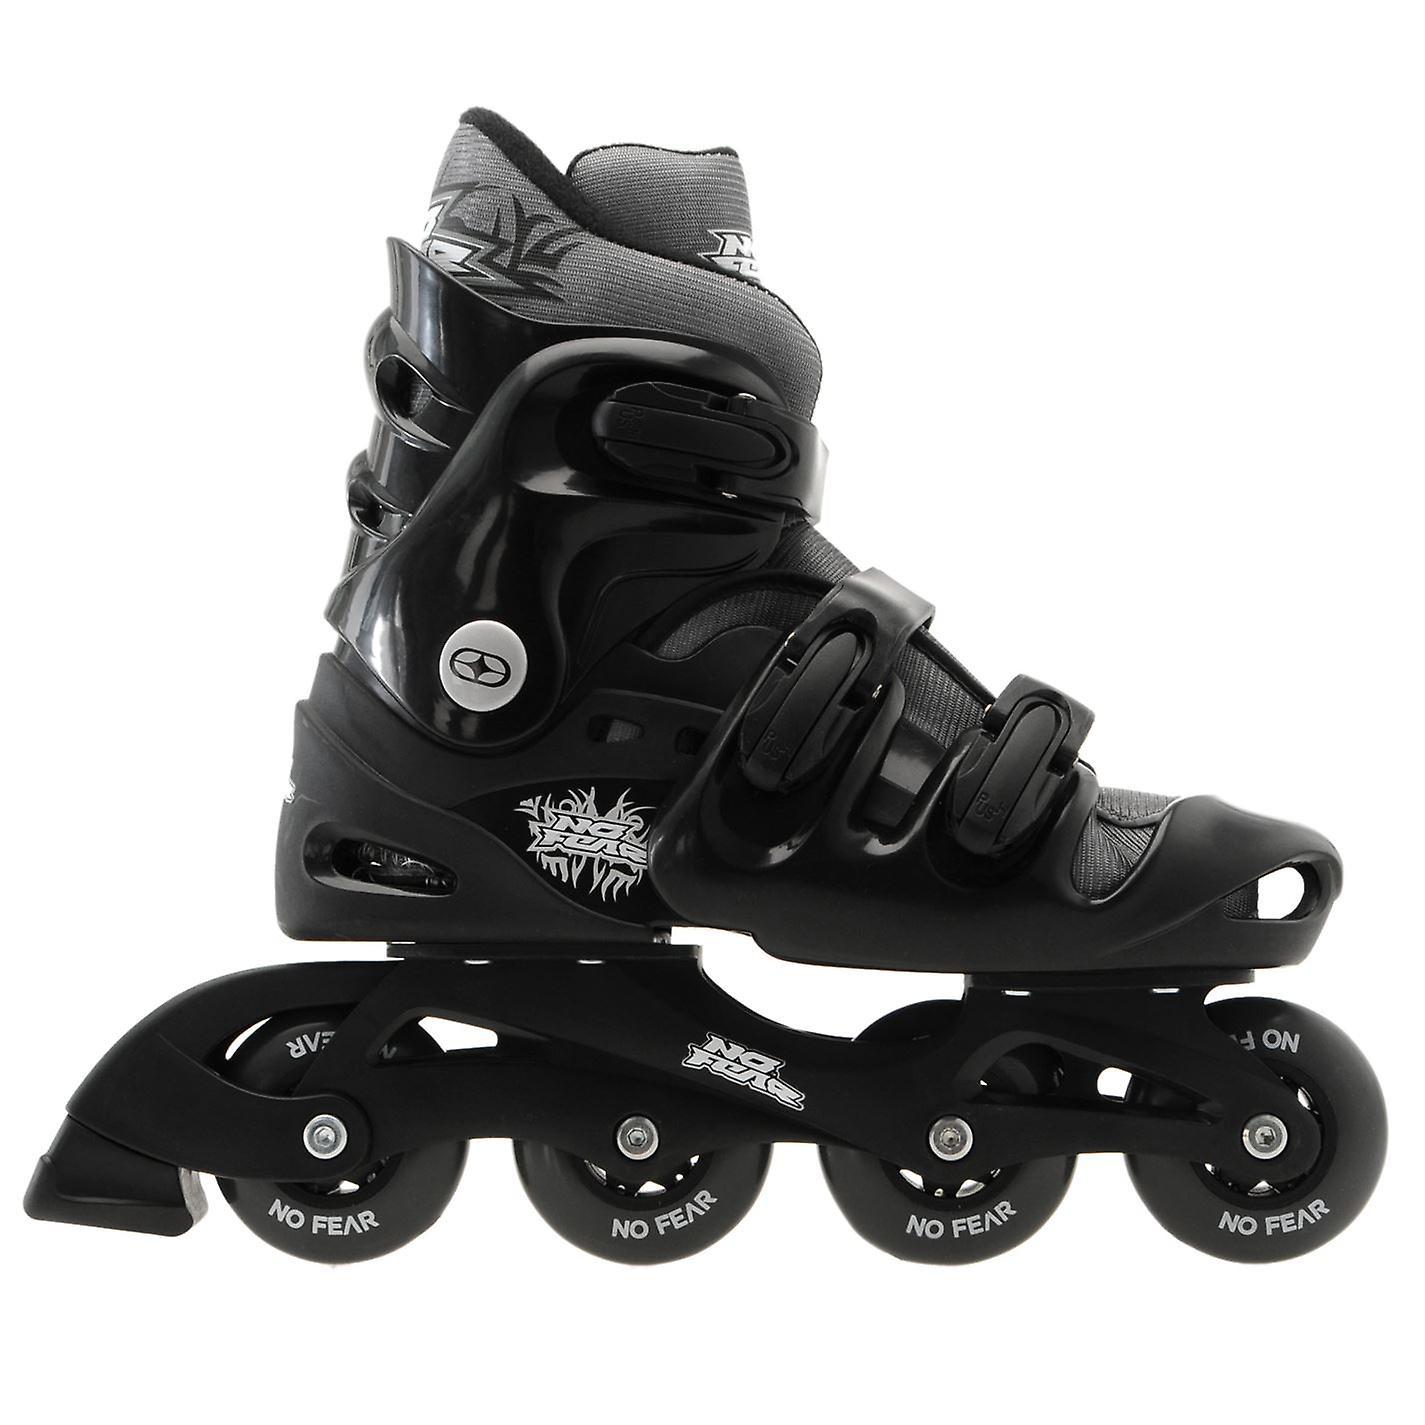 No Fear Mens Inline Skate Roller Skates